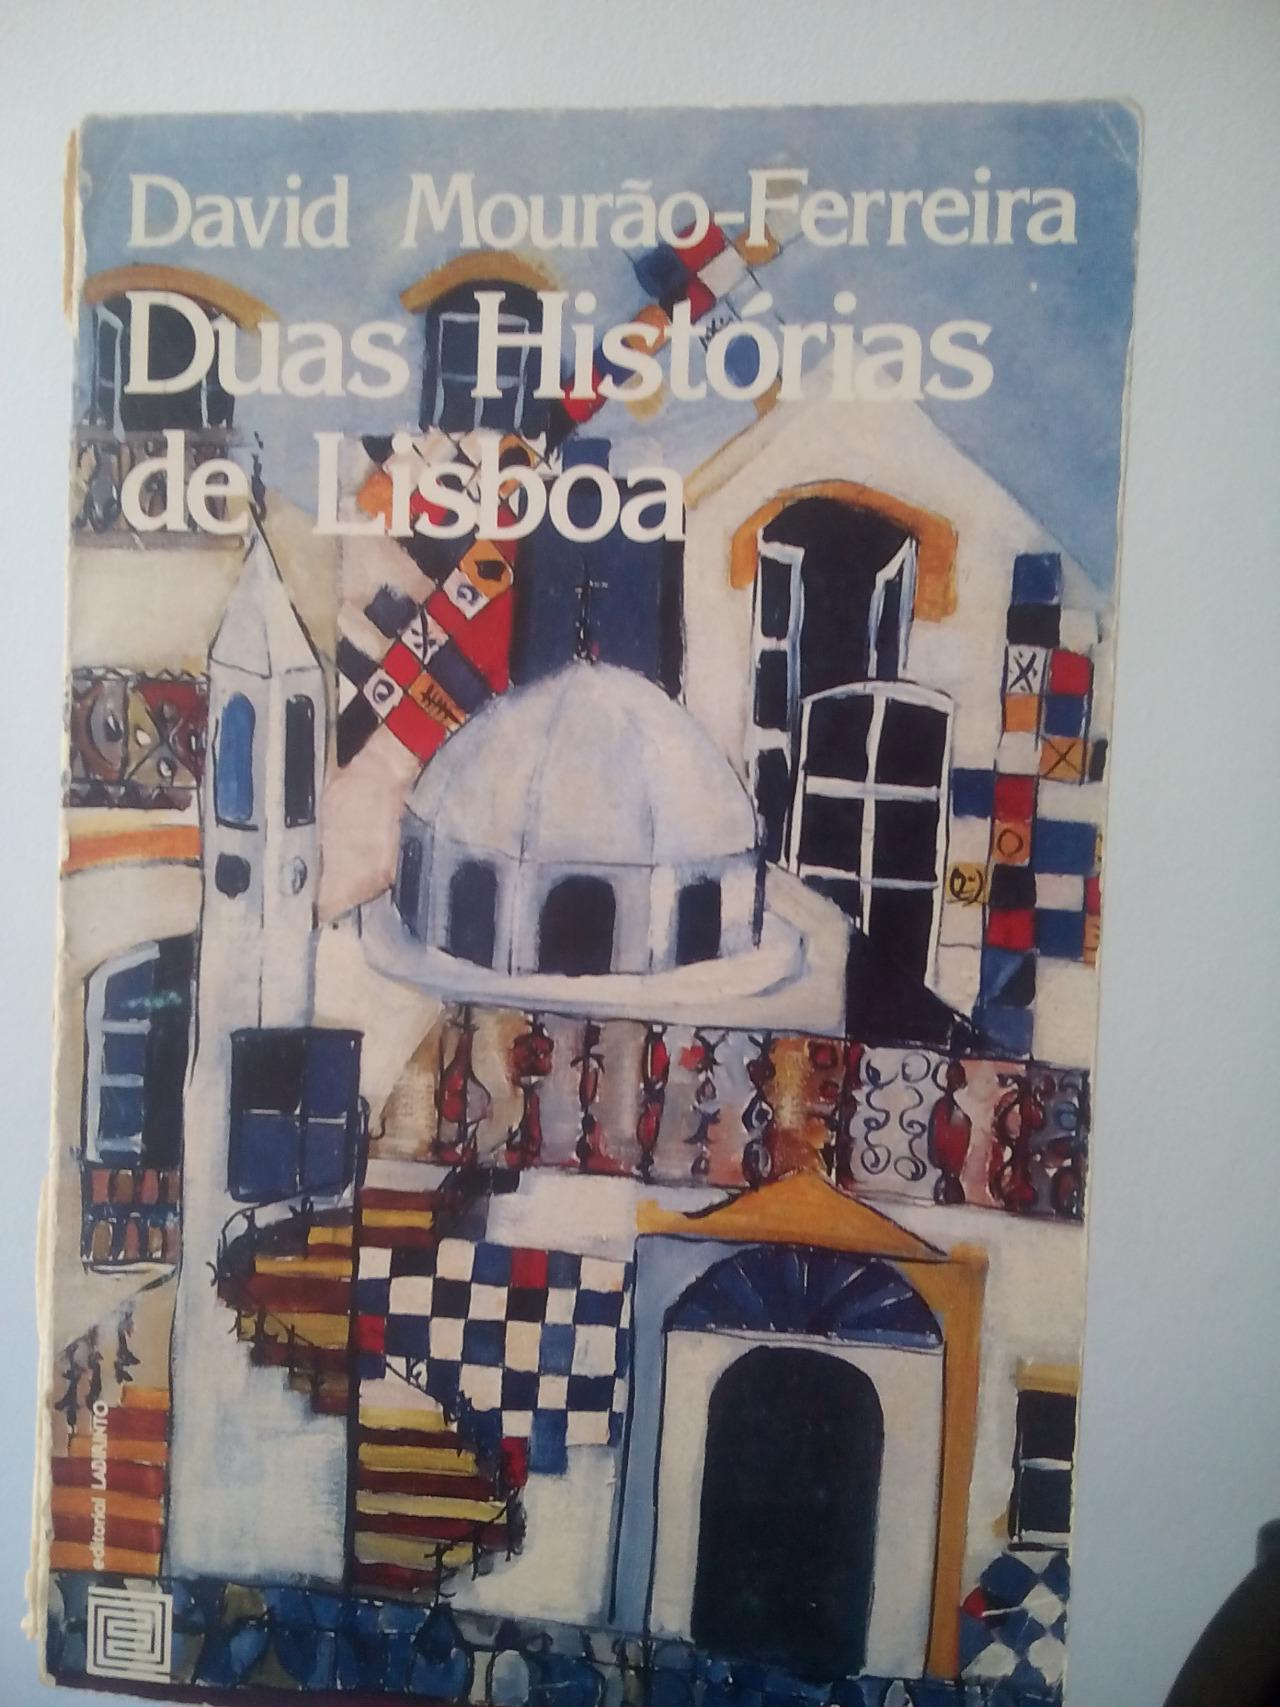 Duas histórias de Lisboa